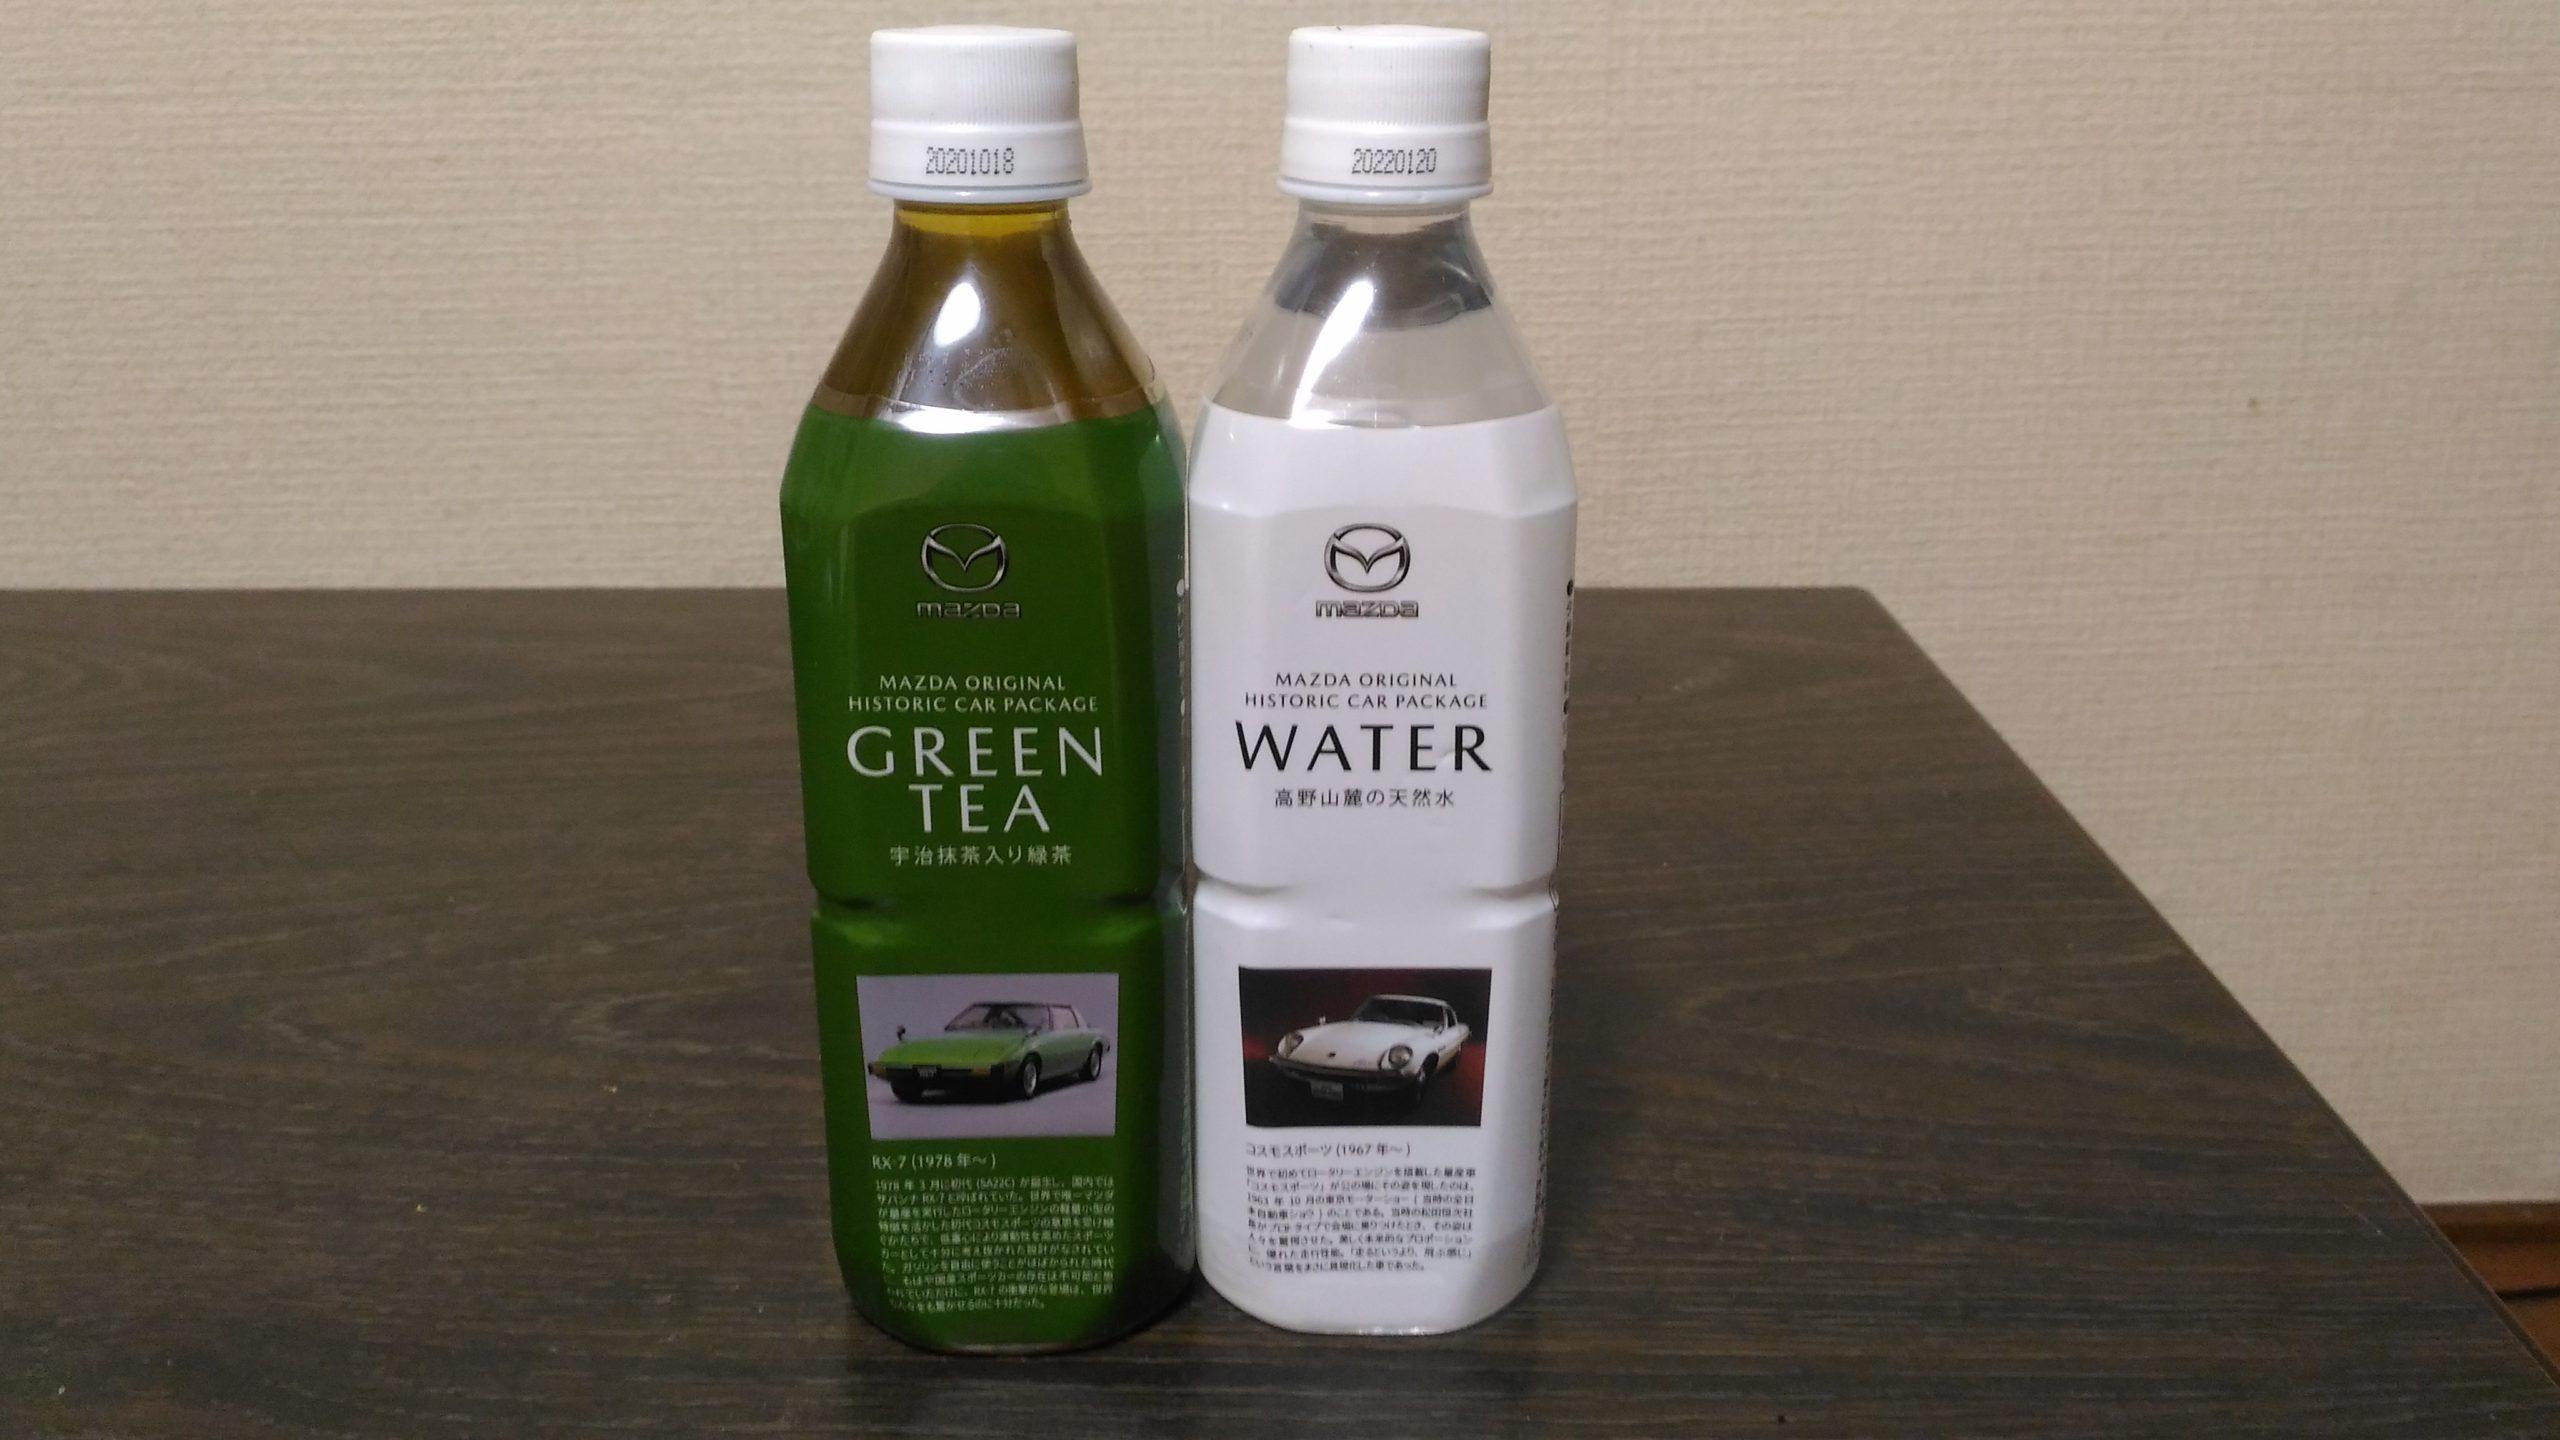 マツダオリジナルラベルのペットボトル飲料